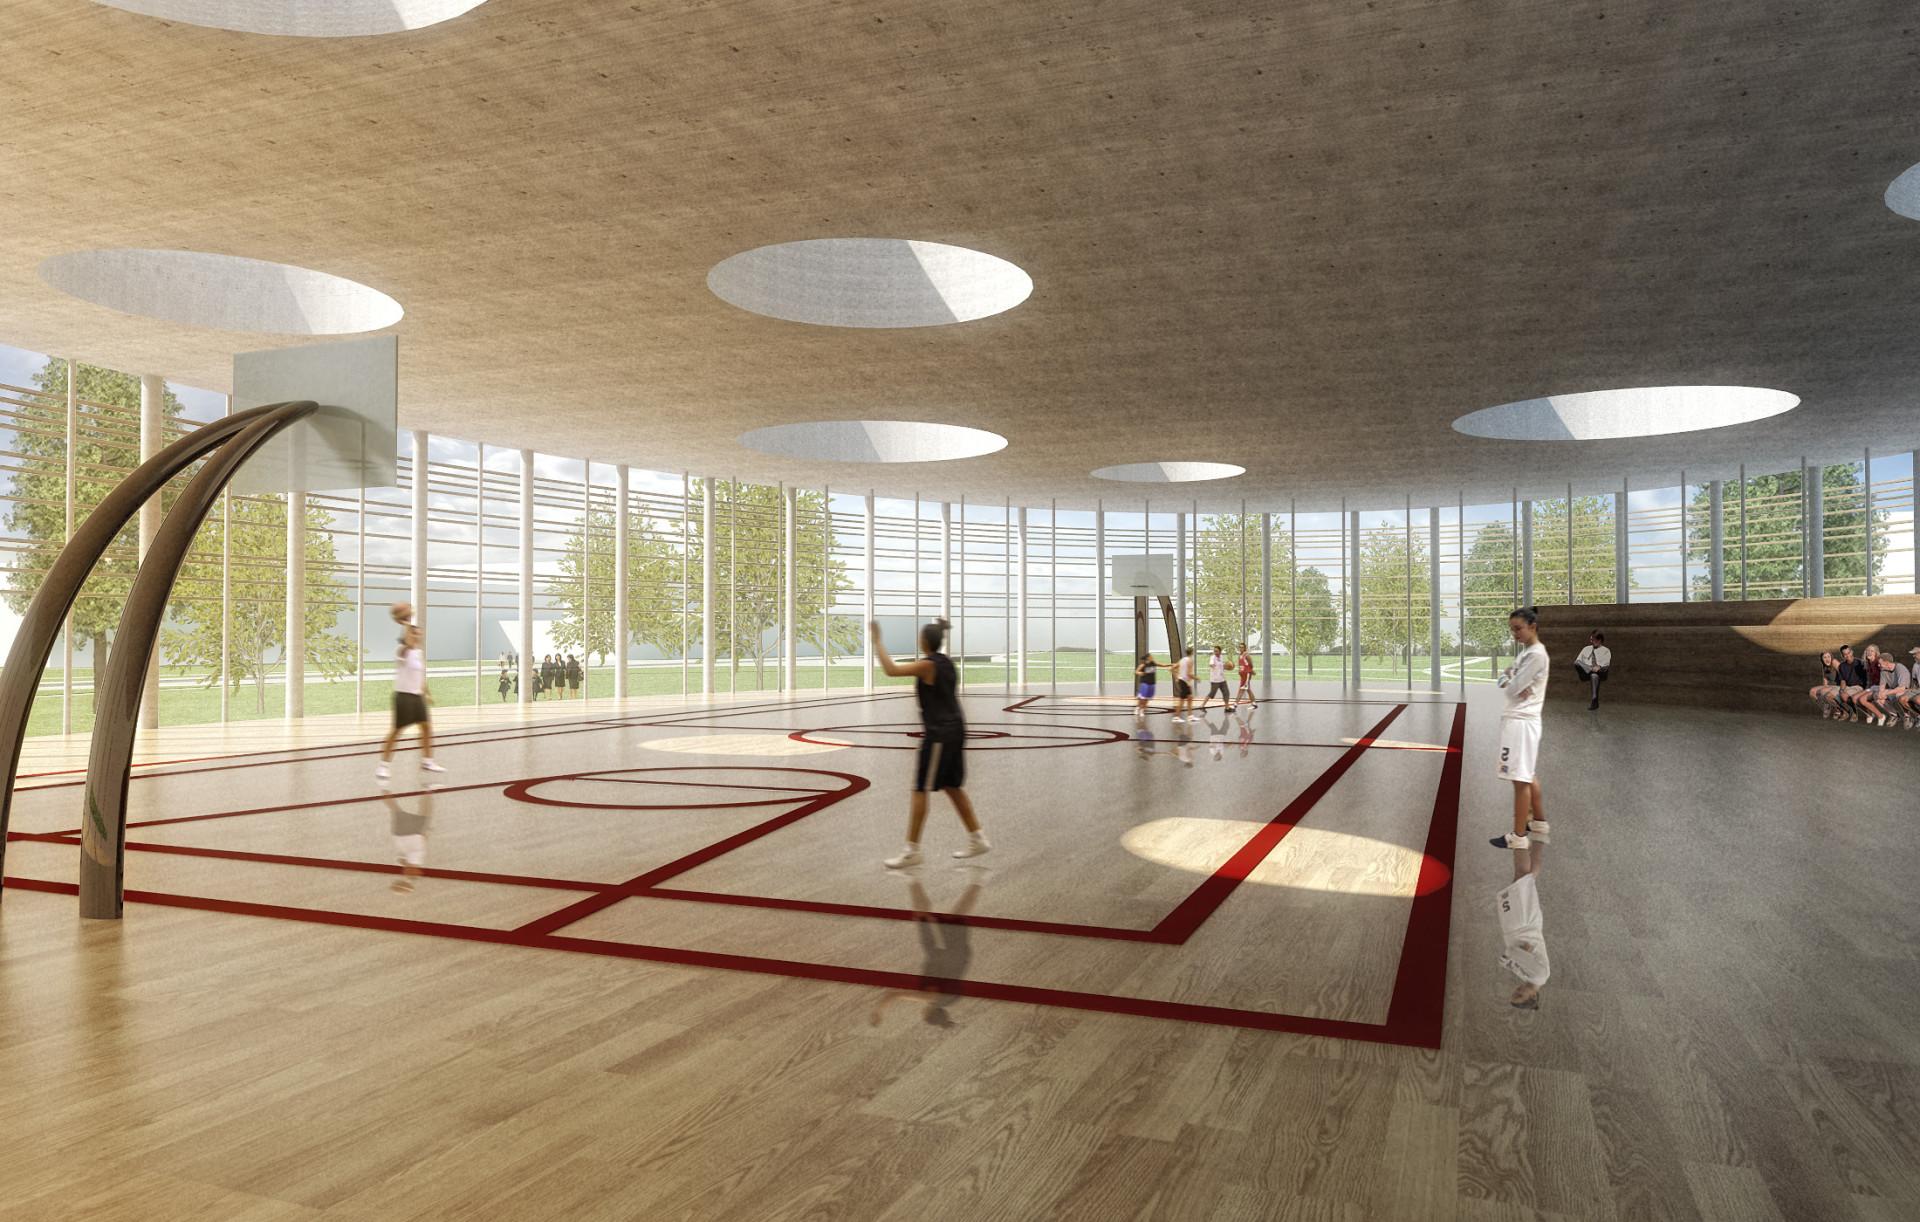 2 Wisp-Architects-Bellusco Sport Center -Render